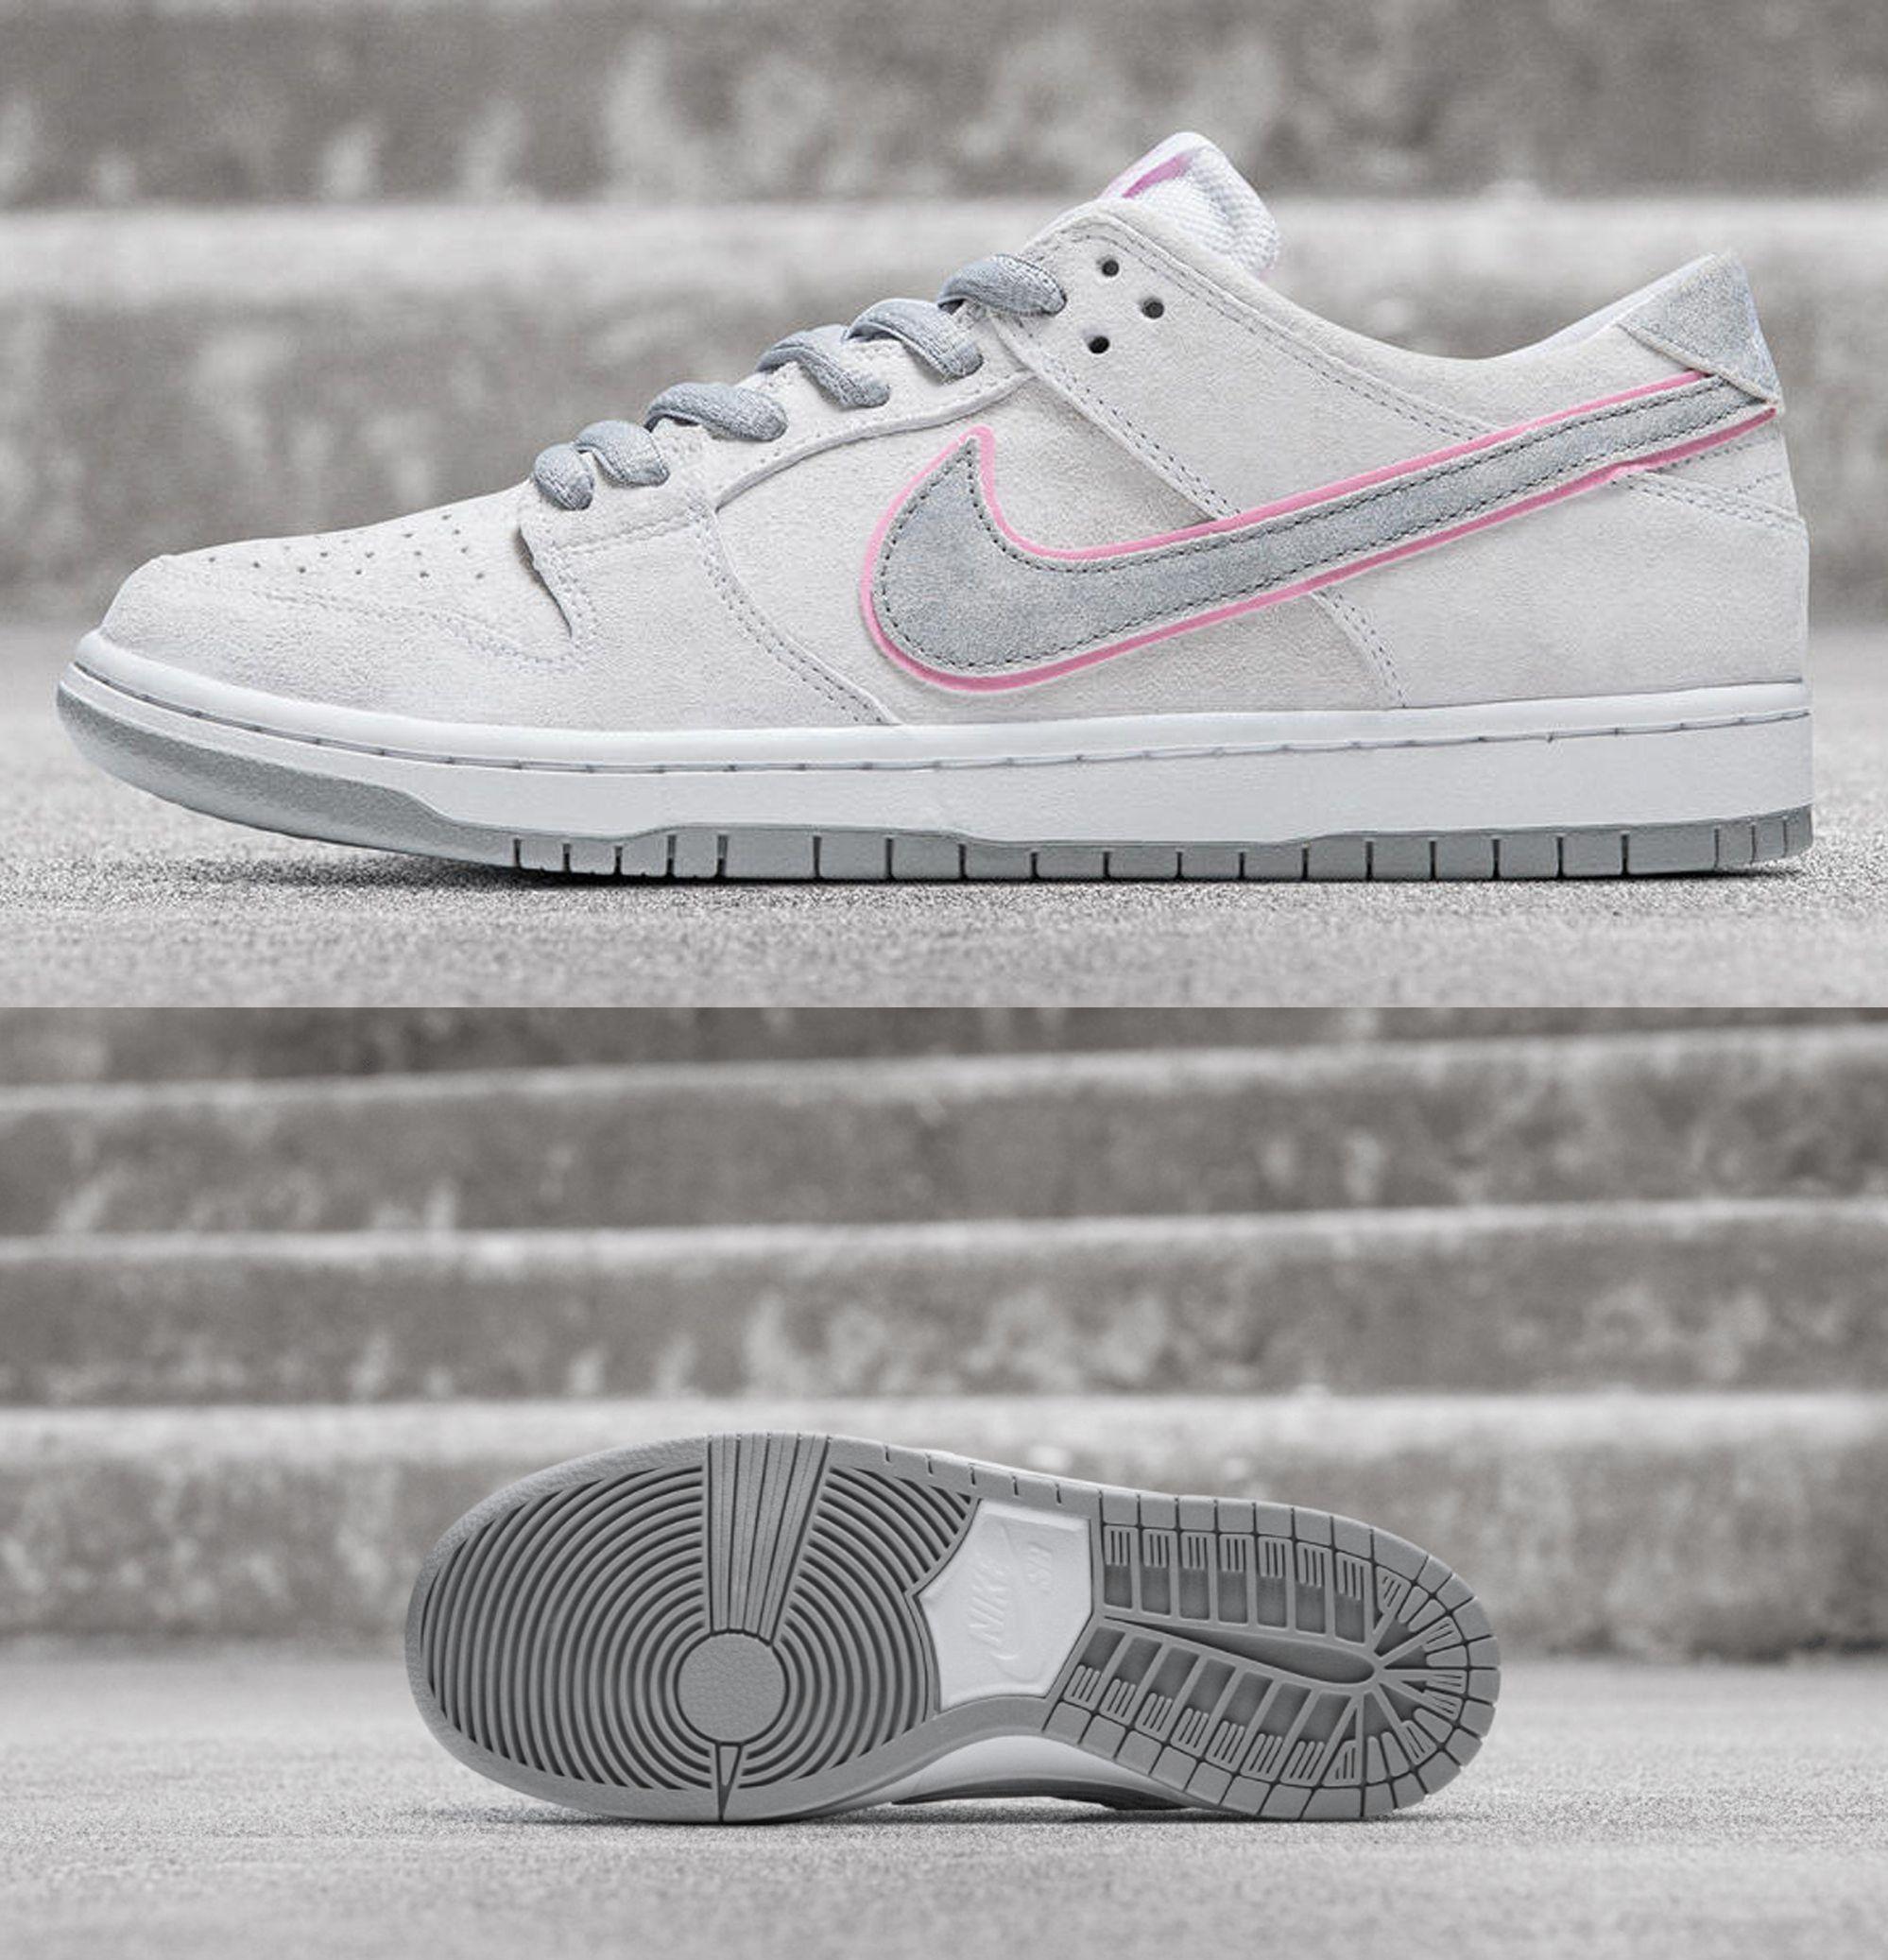 """online retailer 0acf0 3e9c1 Nike SB Dunk Low Pro """"Ishod Wair"""" - WhitePerfect Pink-Flat ..."""